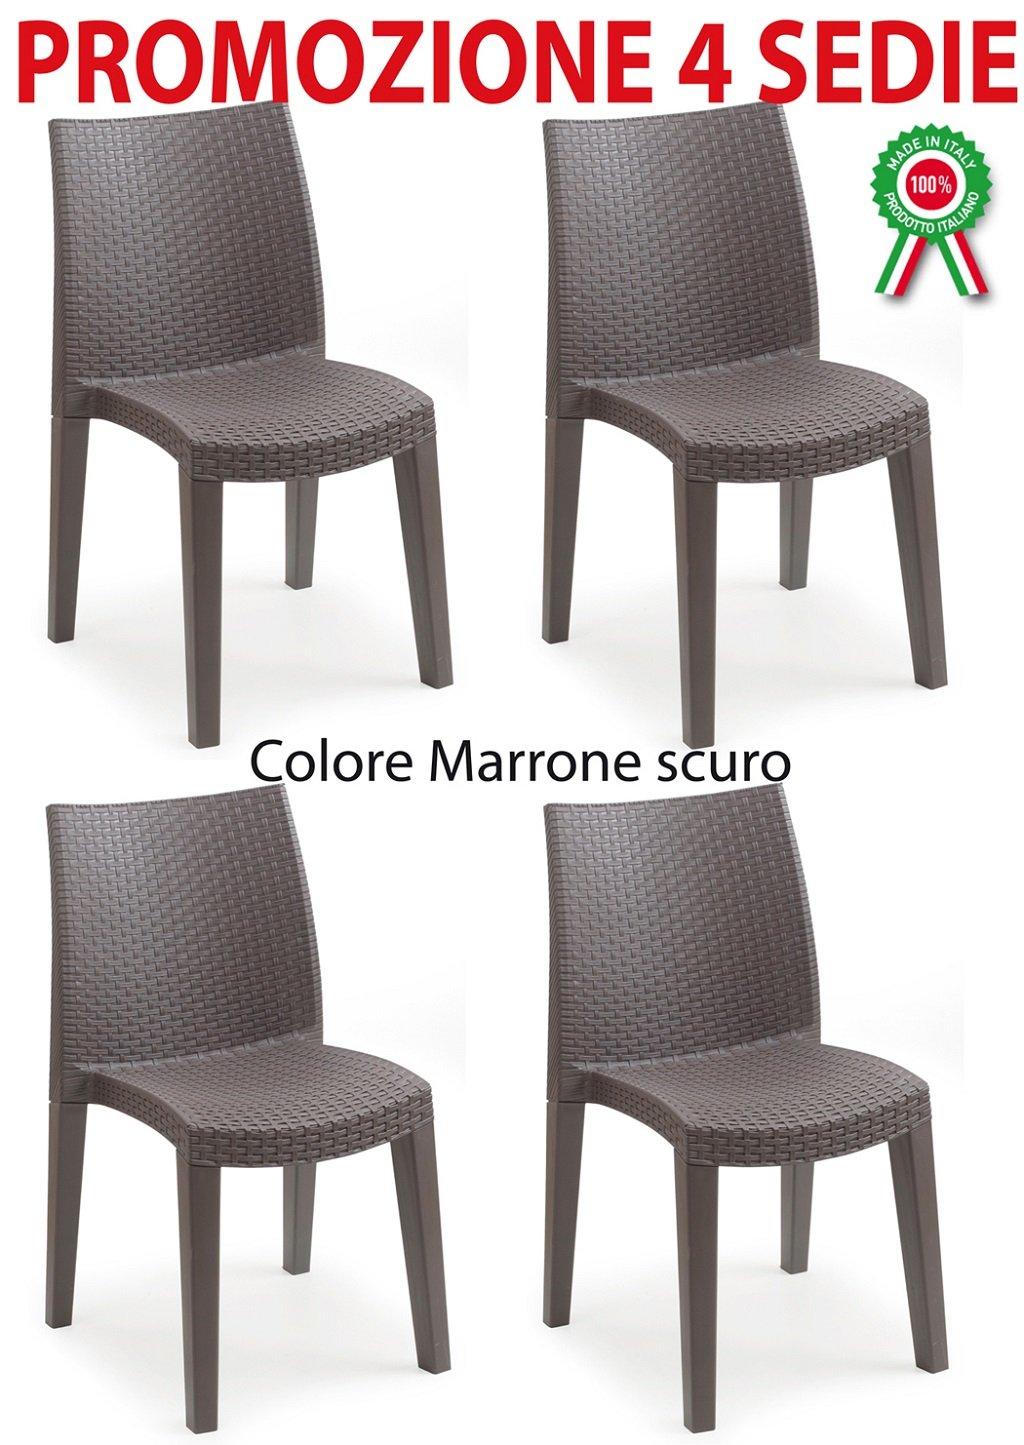 4 pz Poltrona sedia lady in dura resina finto rattan vimini marrone scuro Savino Fiorenzo